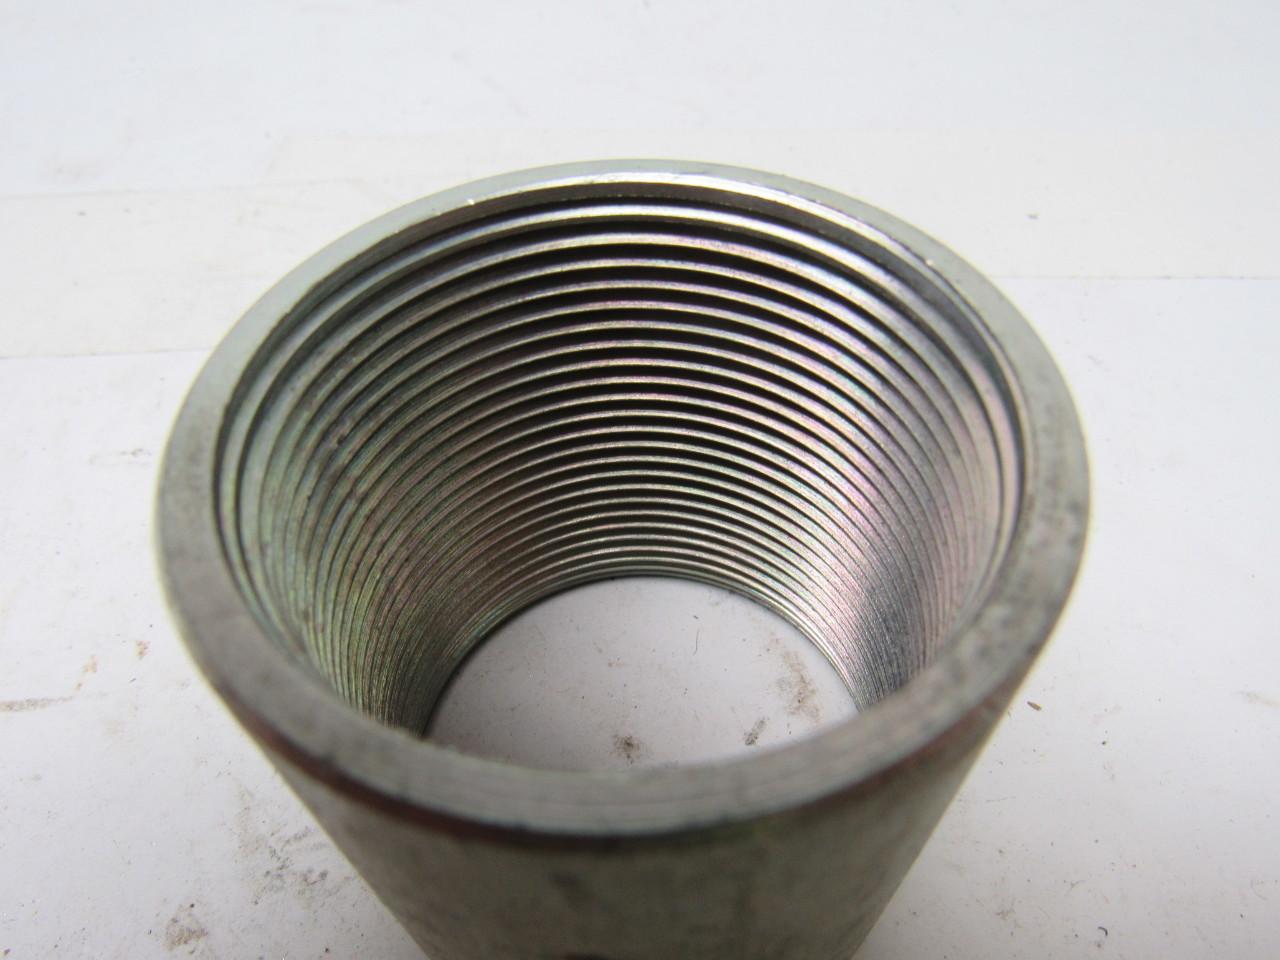 1 2 Quot Threaded Steel Couplers : Quot npt threaded one piece rigid steel conduit coupling